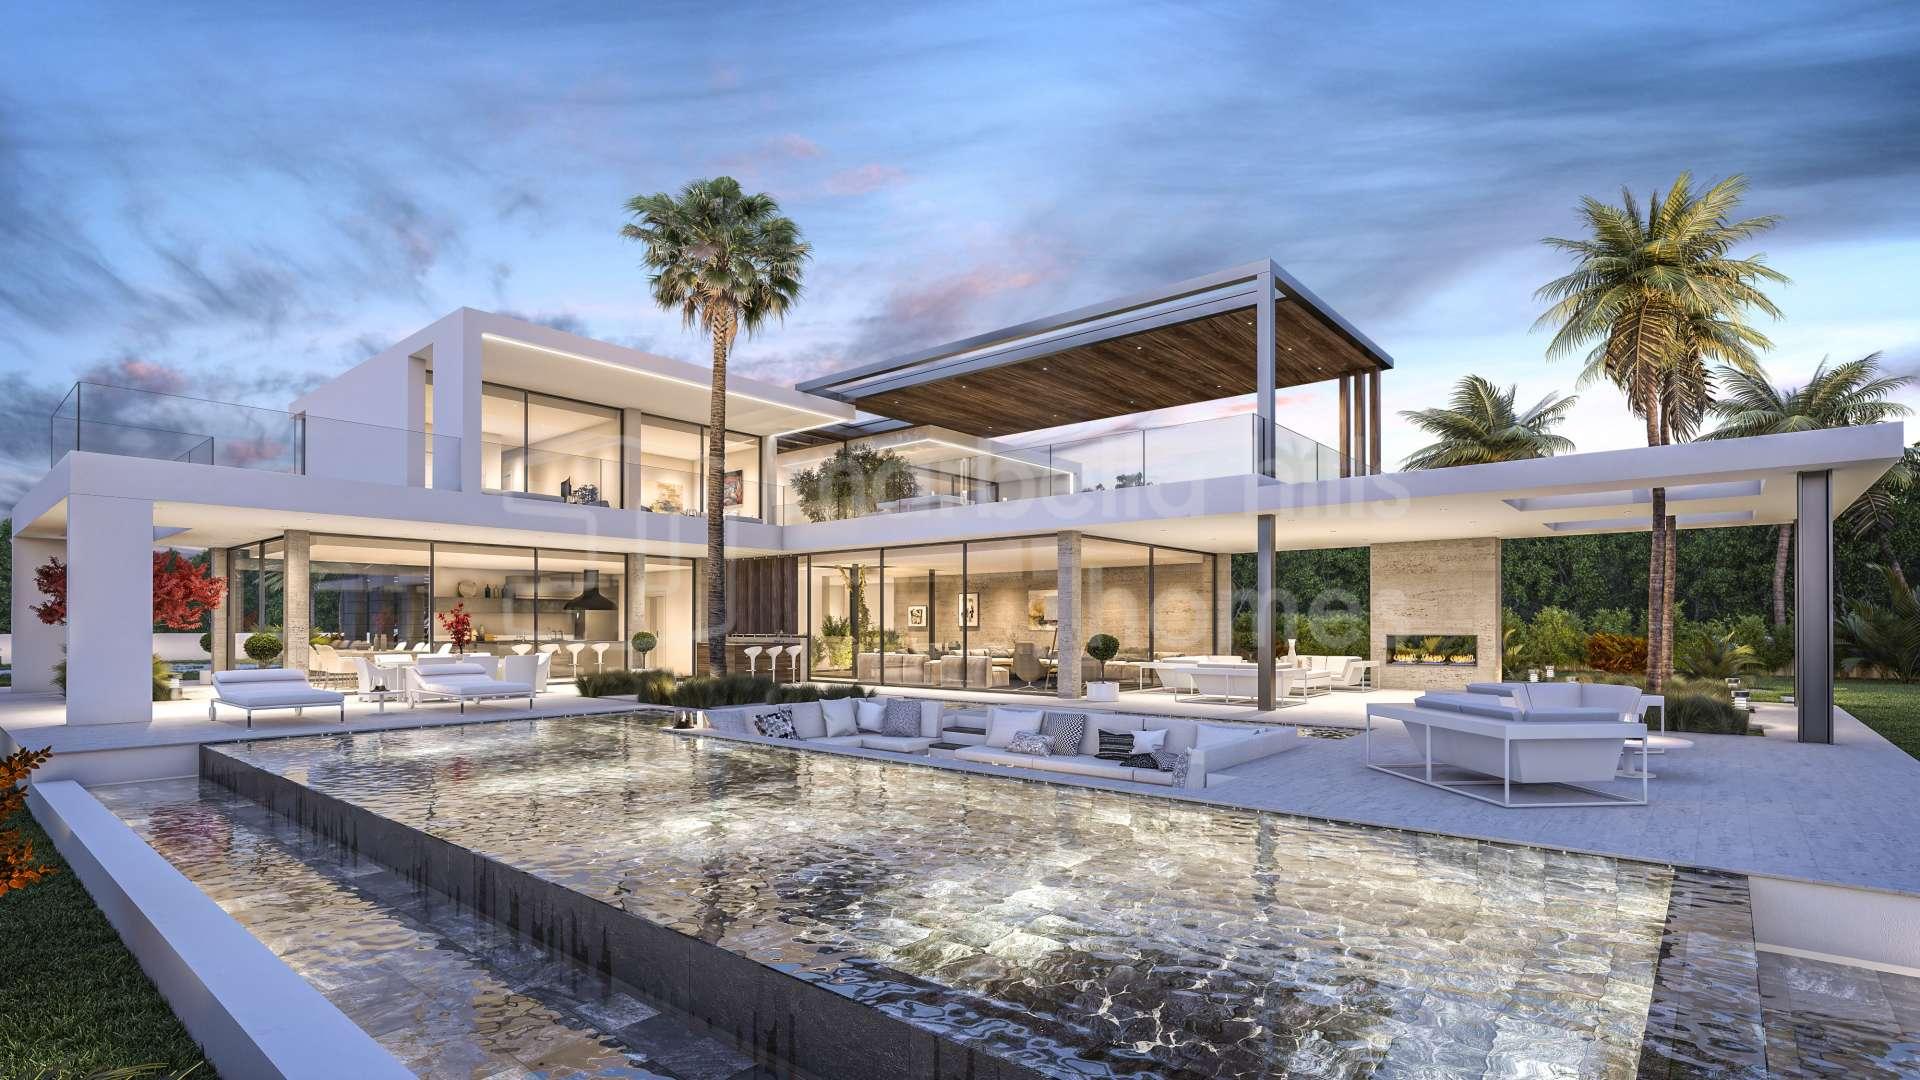 Modern Villa For Sale In Nagueles Marbella Malaga The Costa Del Sol